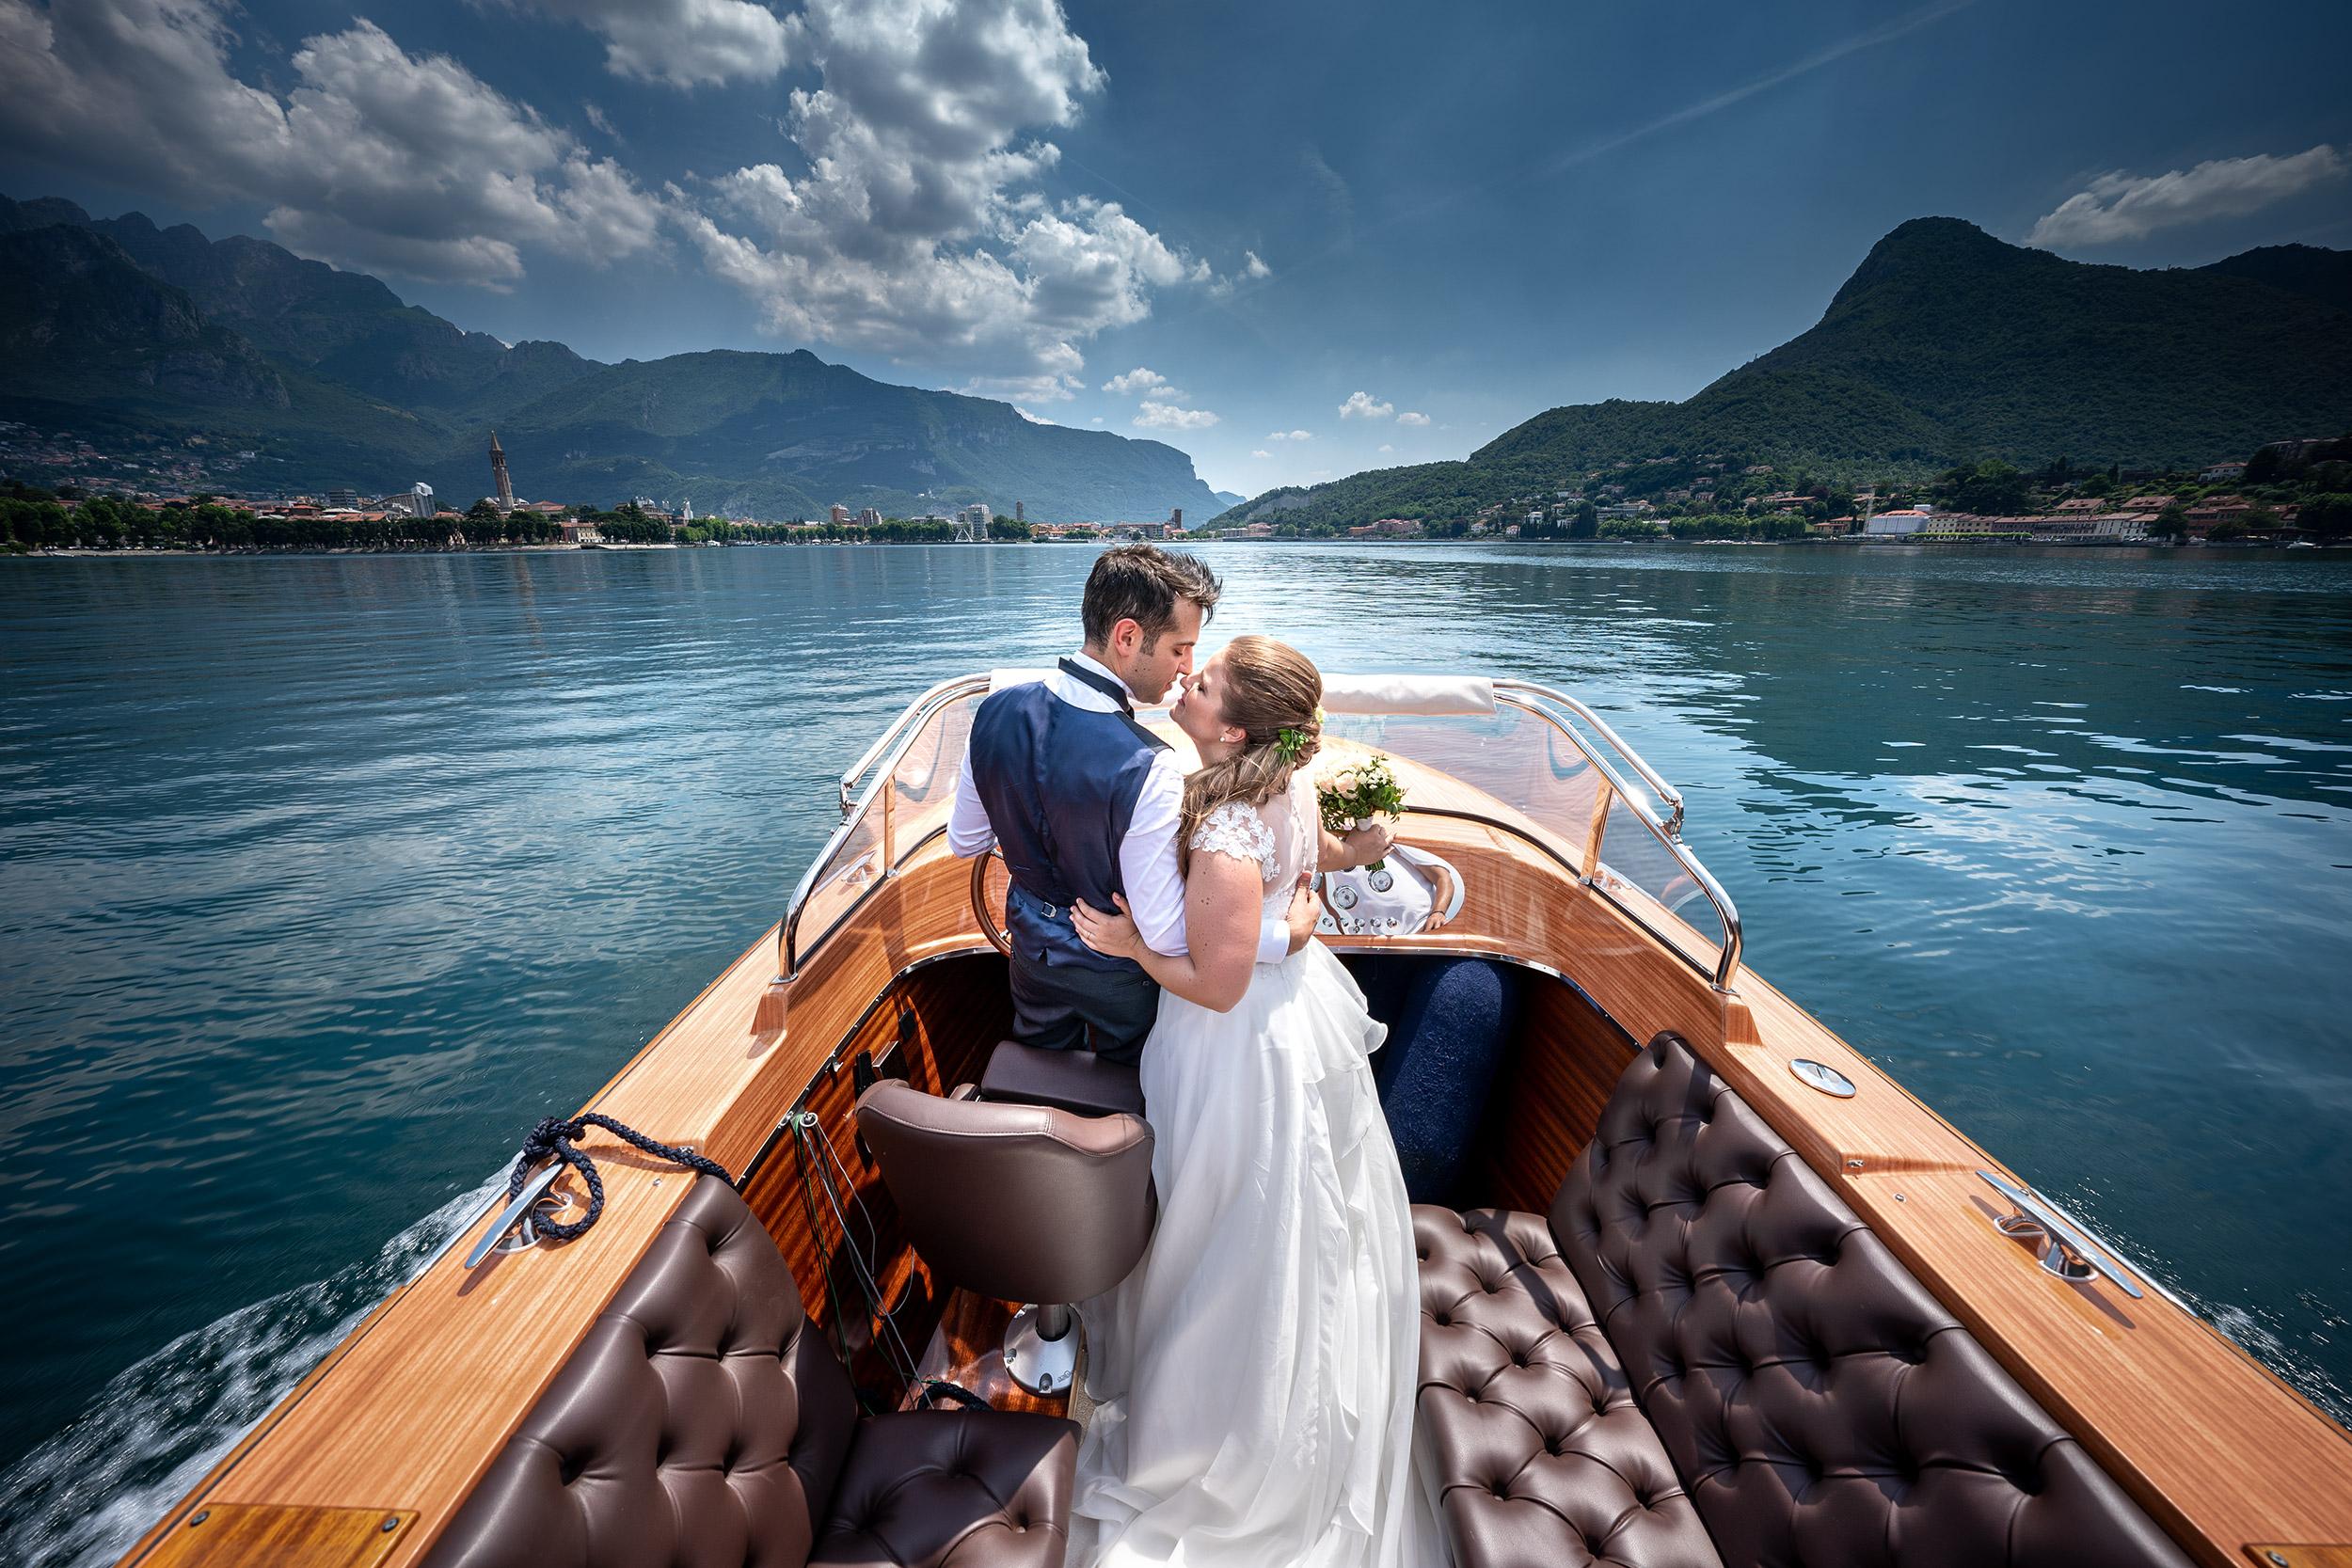 000 fotografo matrimonio reportage wedding sposi barca villa giulia valmadrera lago como lecco 1